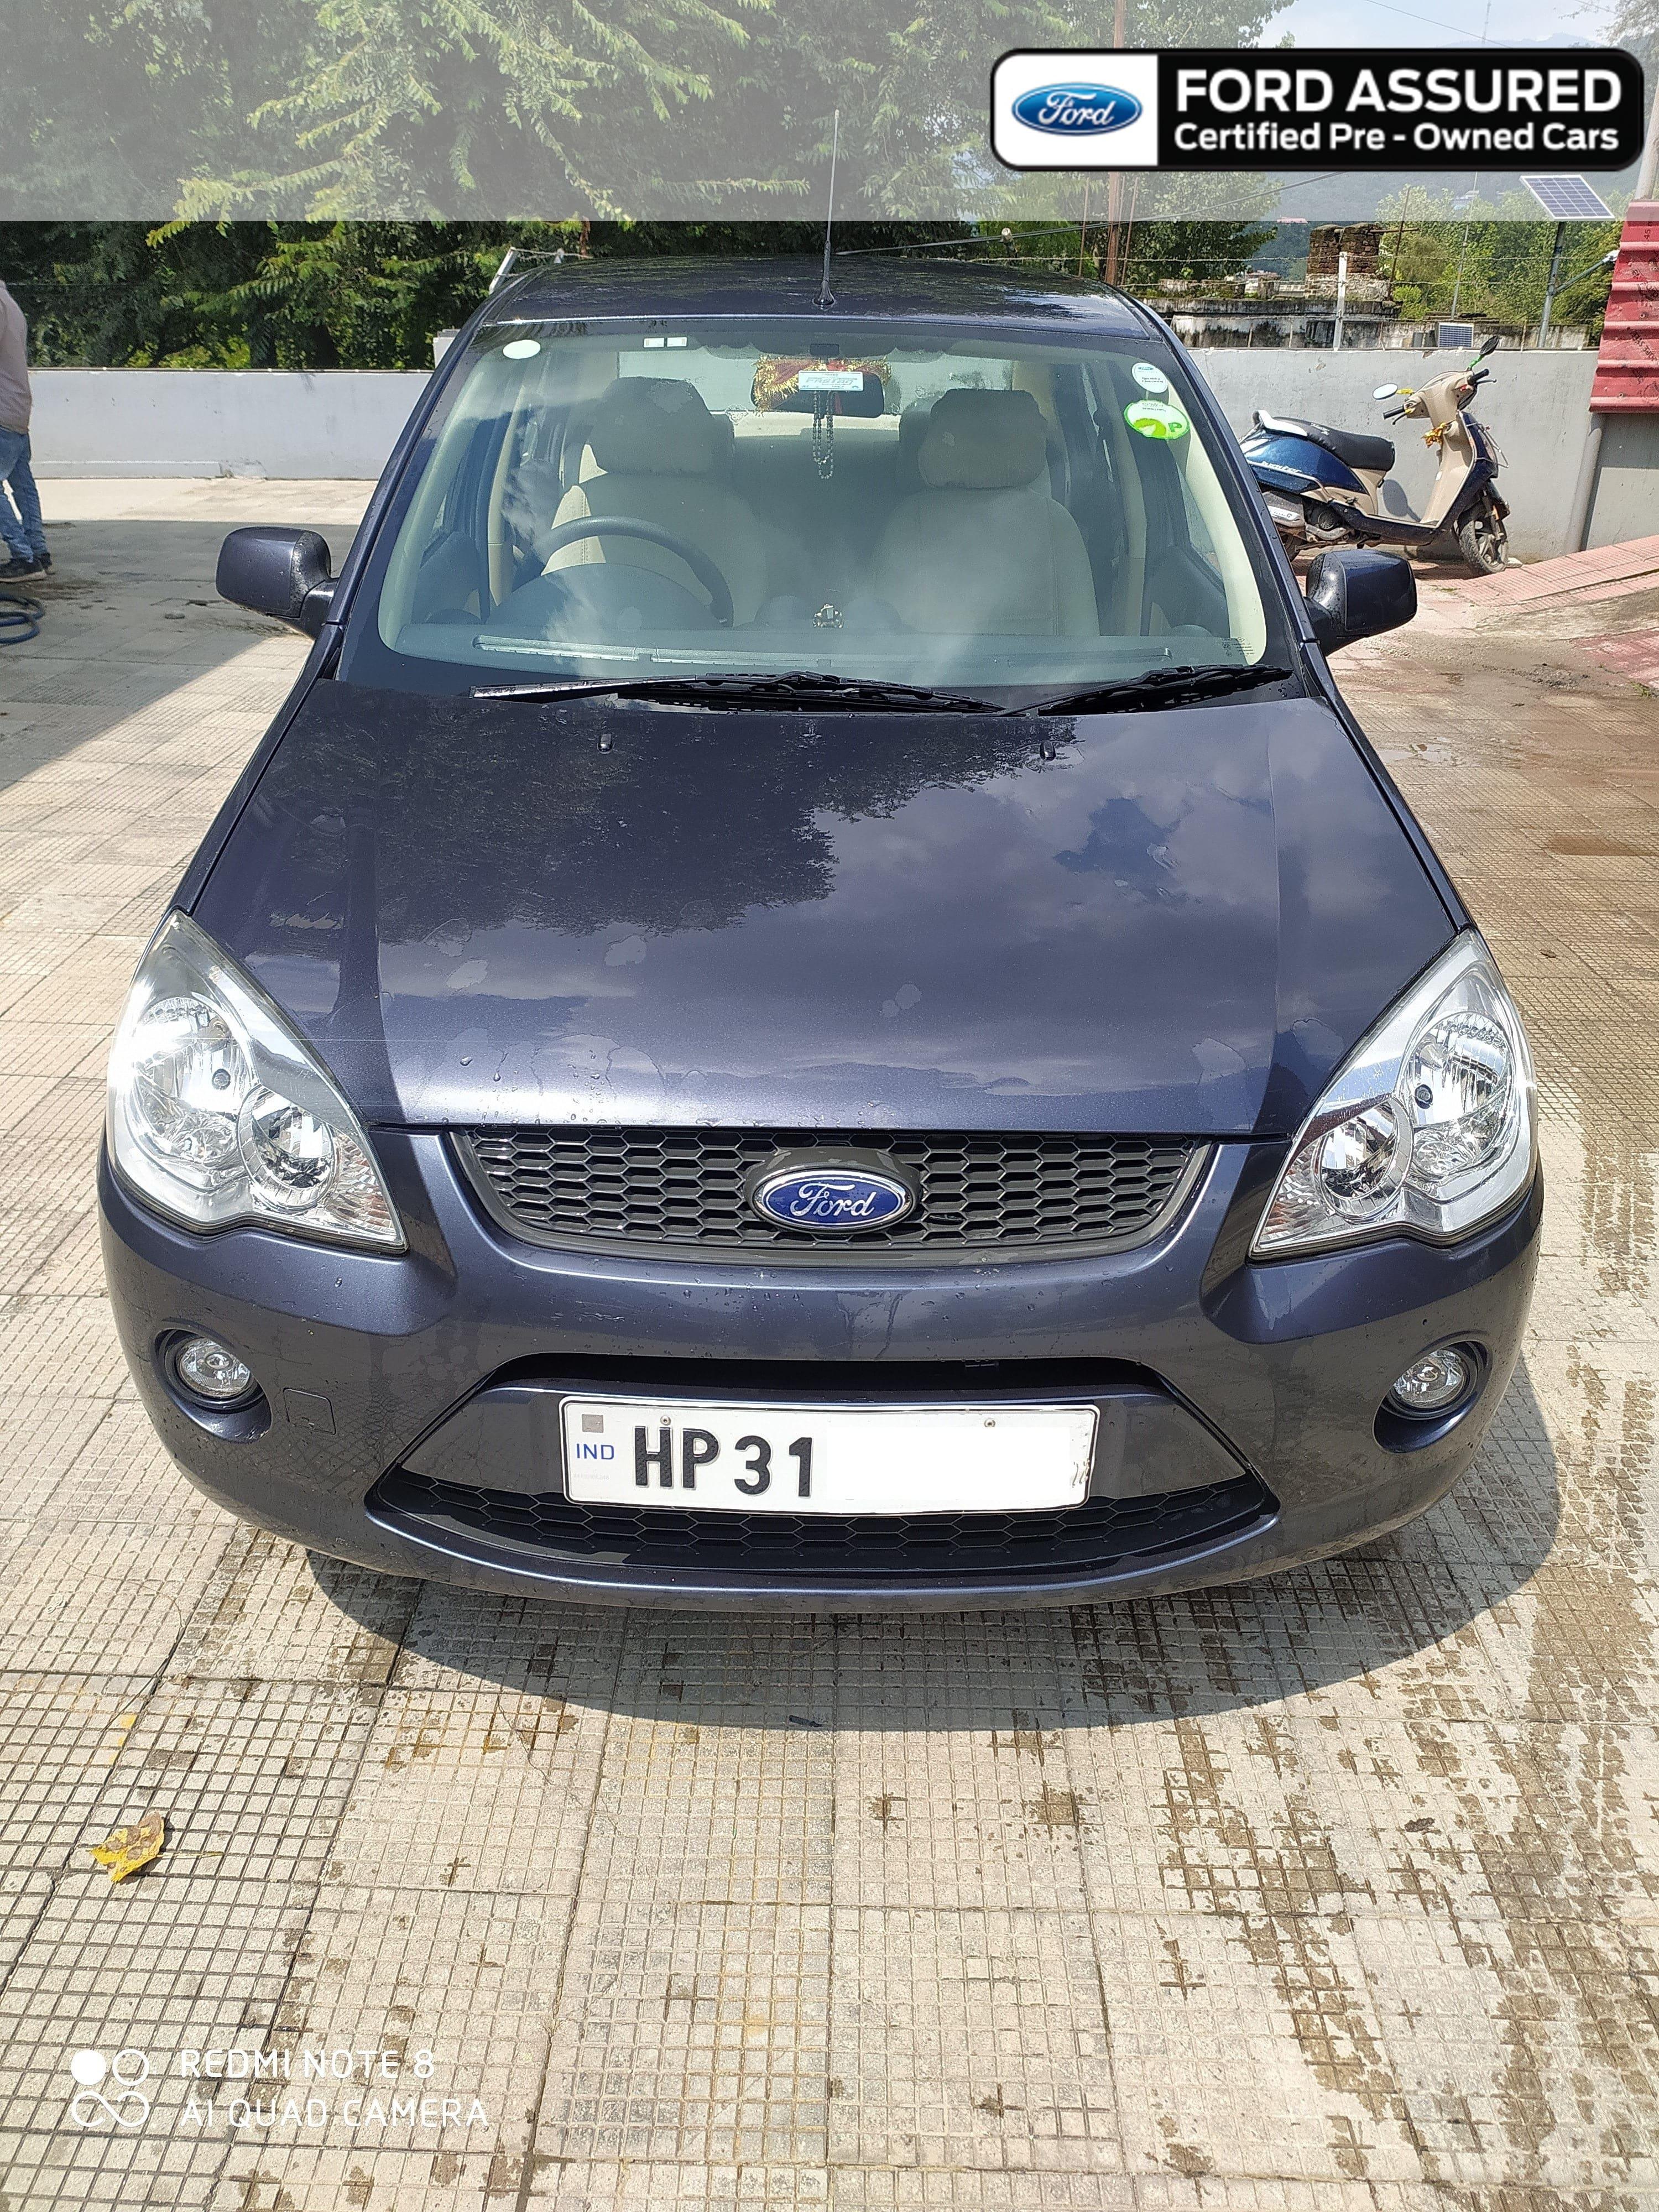 Ford Fiesta 2008-2011 1.6 SXI ABS Duratec